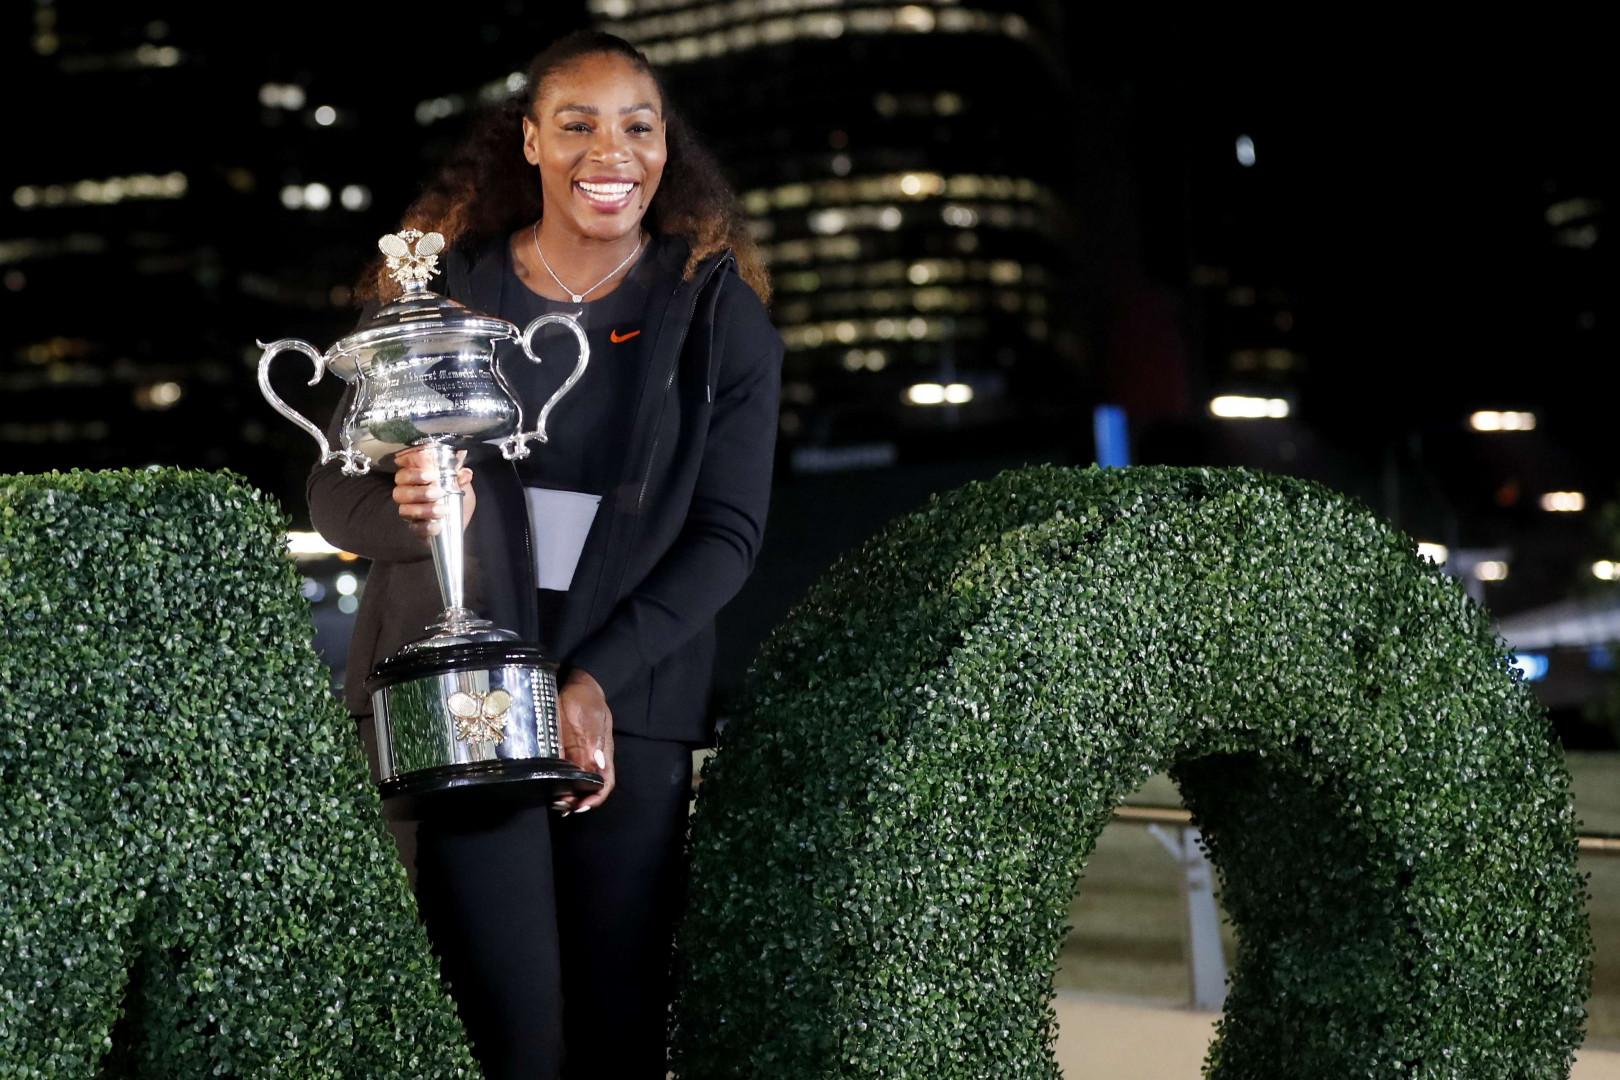 On ne présente plus Serena Williams, championne de tennis et super-woman des réseaux sociaux : Instagram / serenawilliams